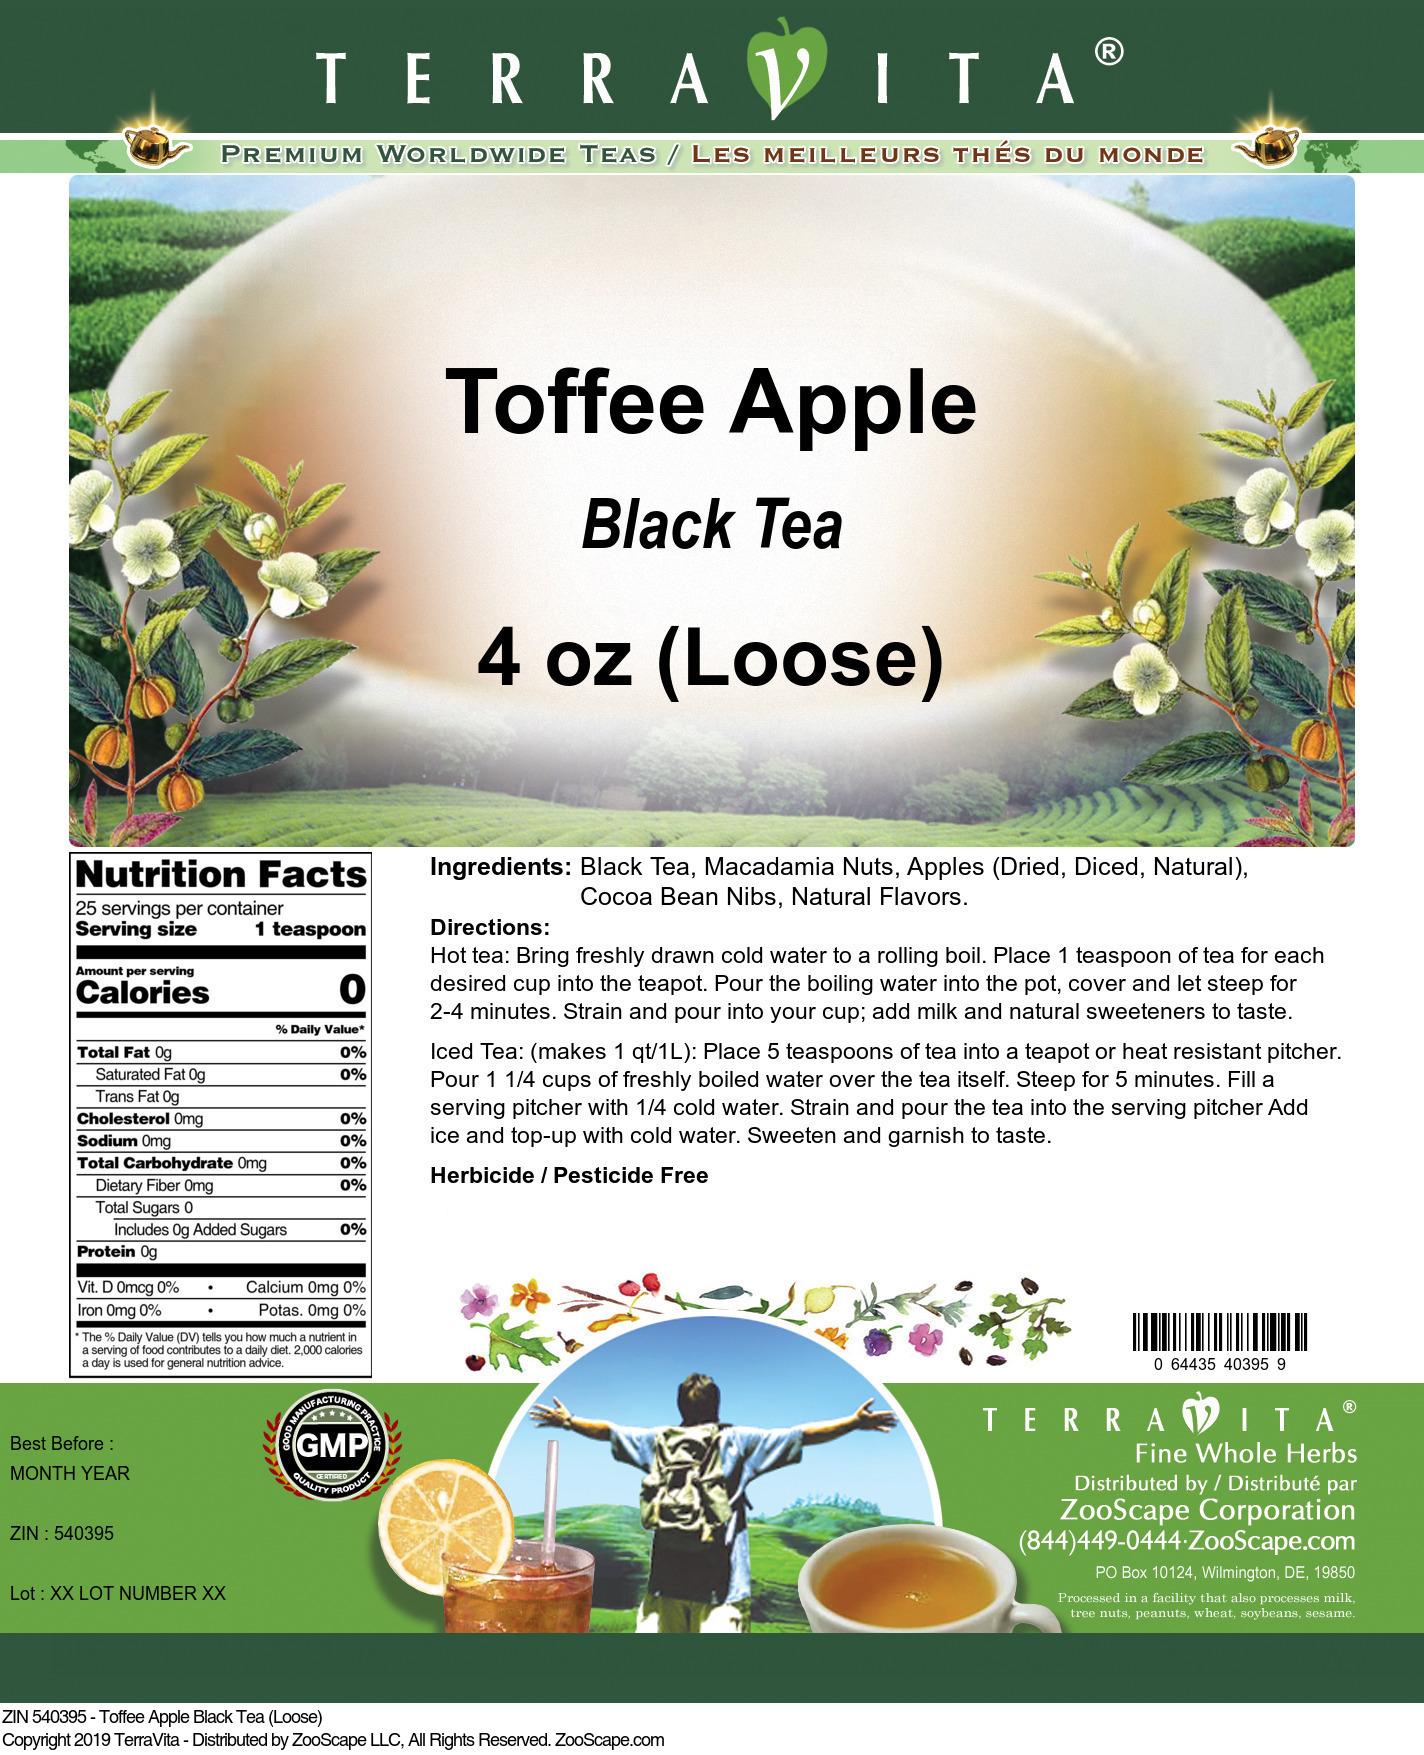 Toffee Apple Black Tea (Loose)